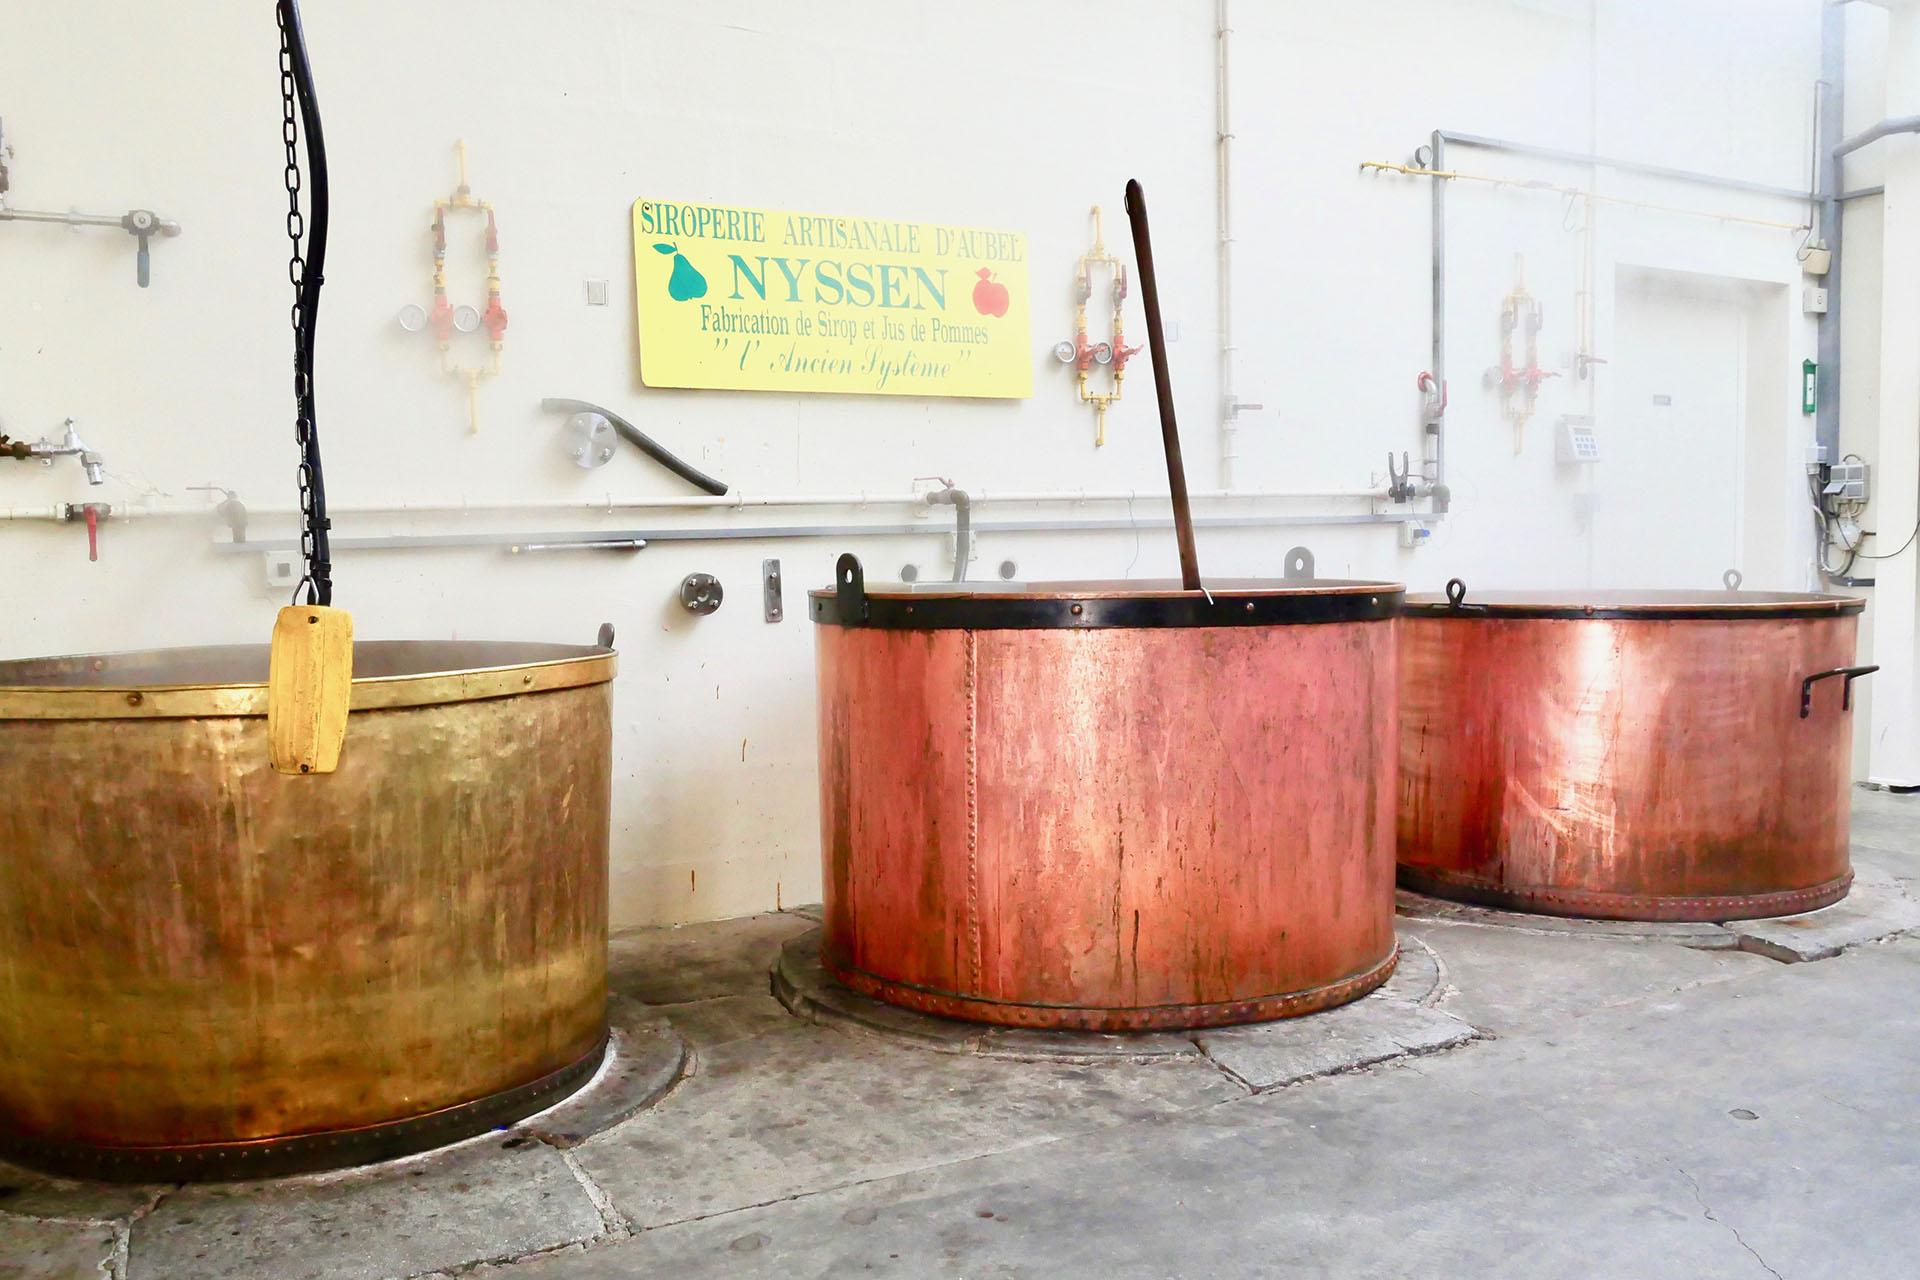 Siroperie Artisanale D'Aubel - Préparation